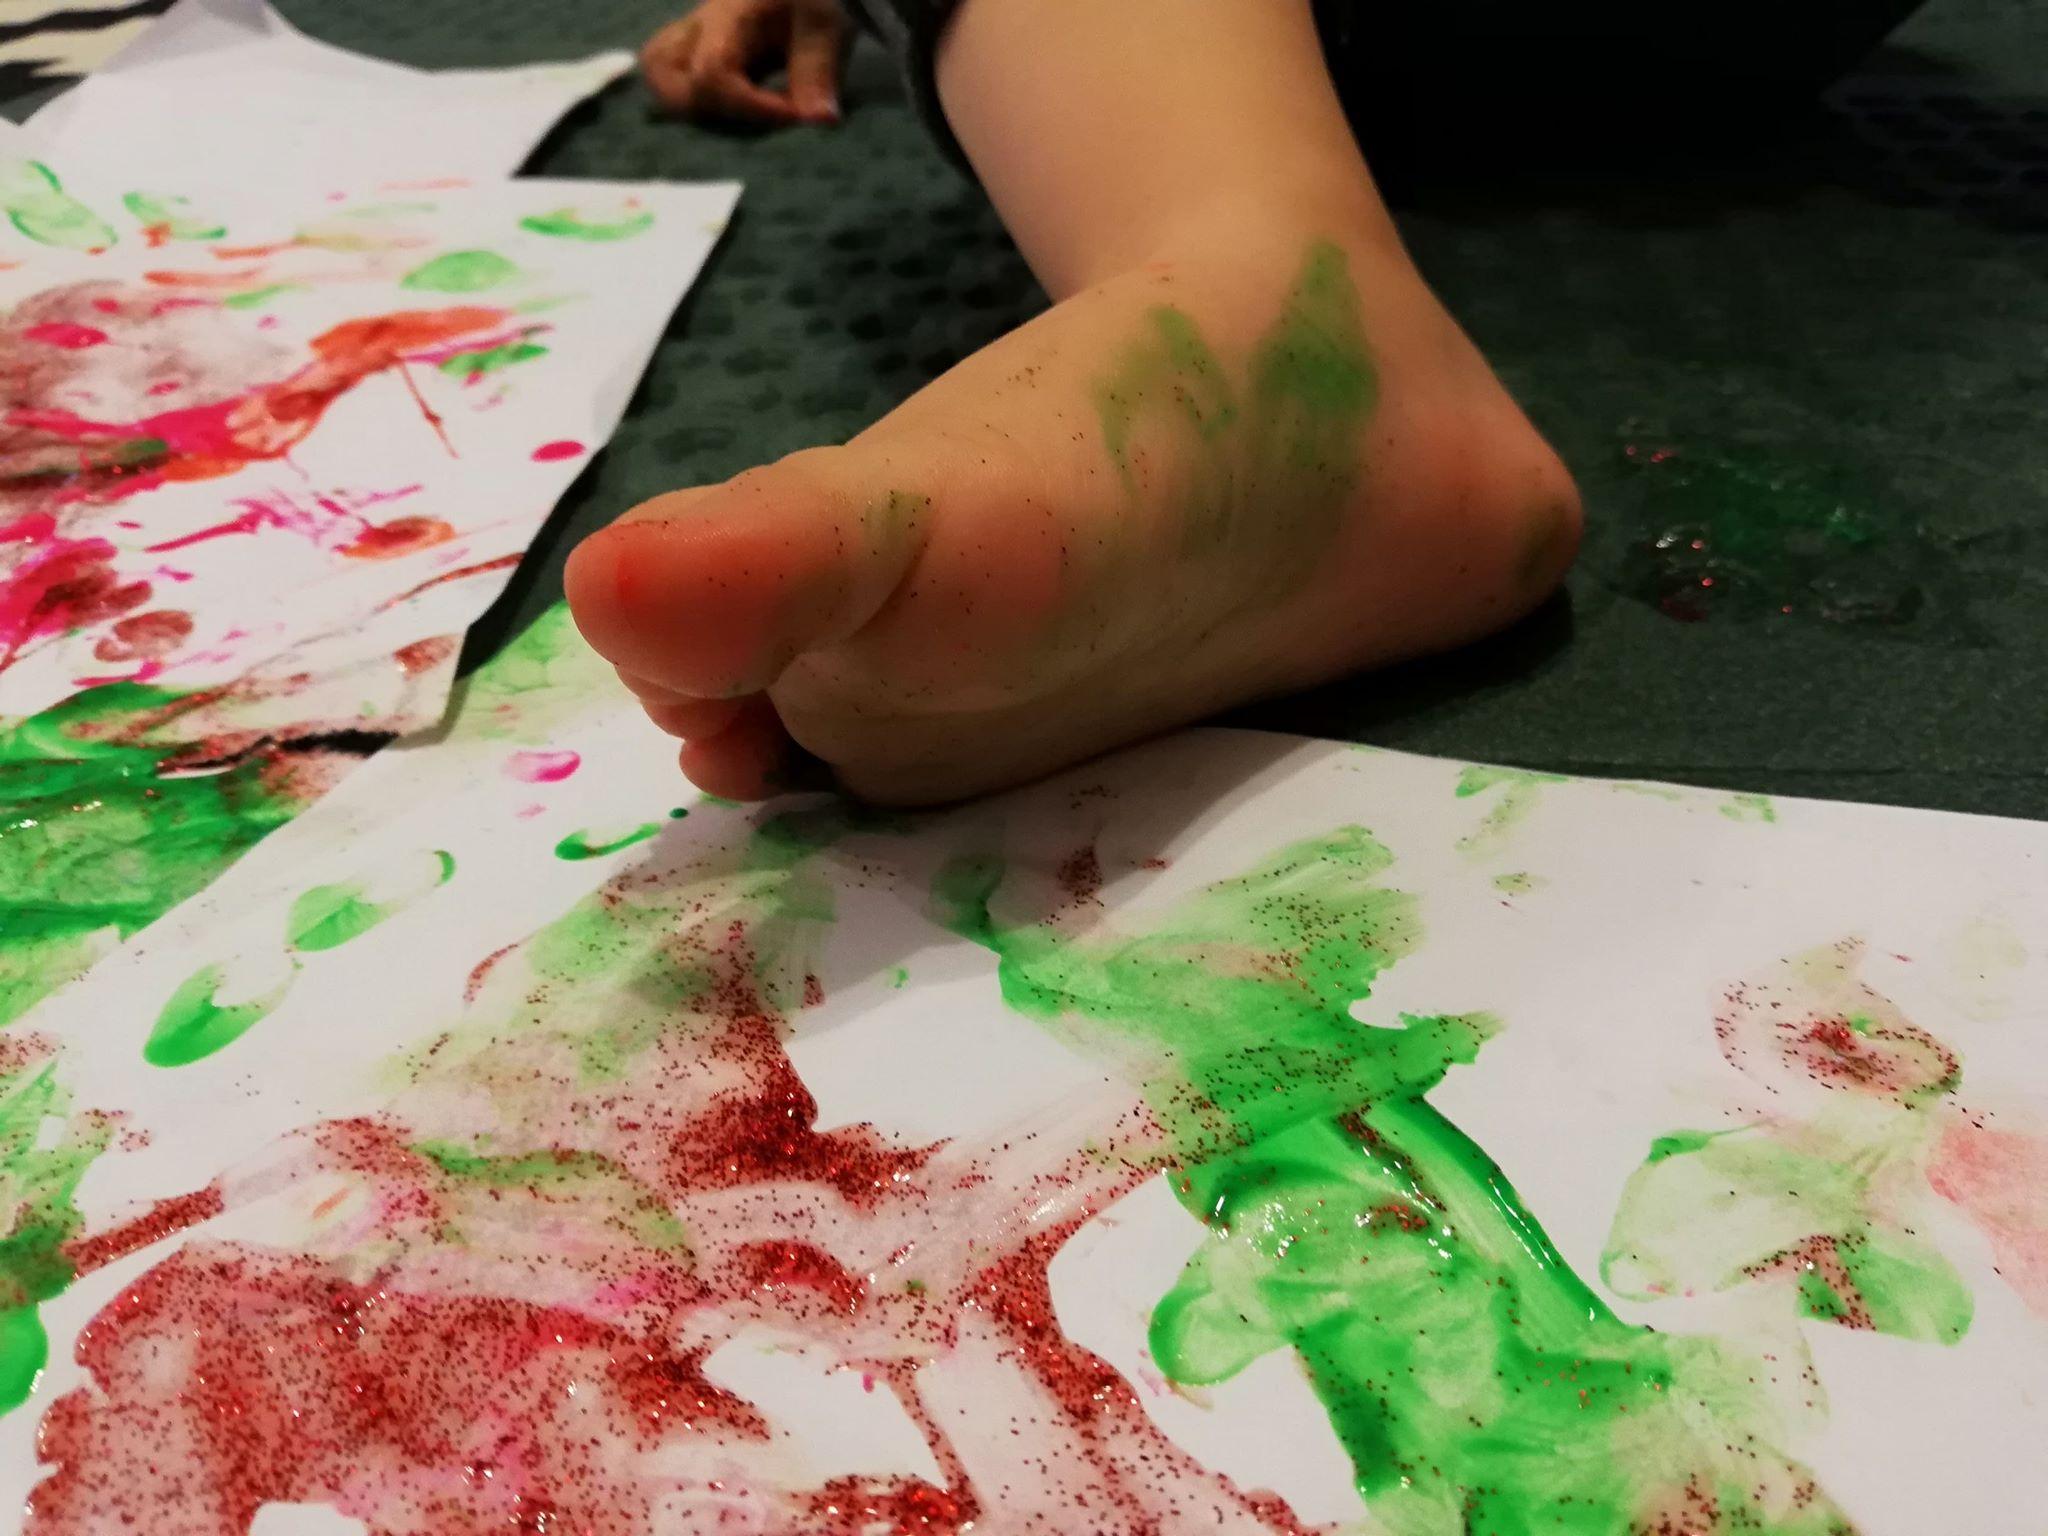 activitati-de-interior-pentru-copii-de-un-an-pictura-cu-picioarele